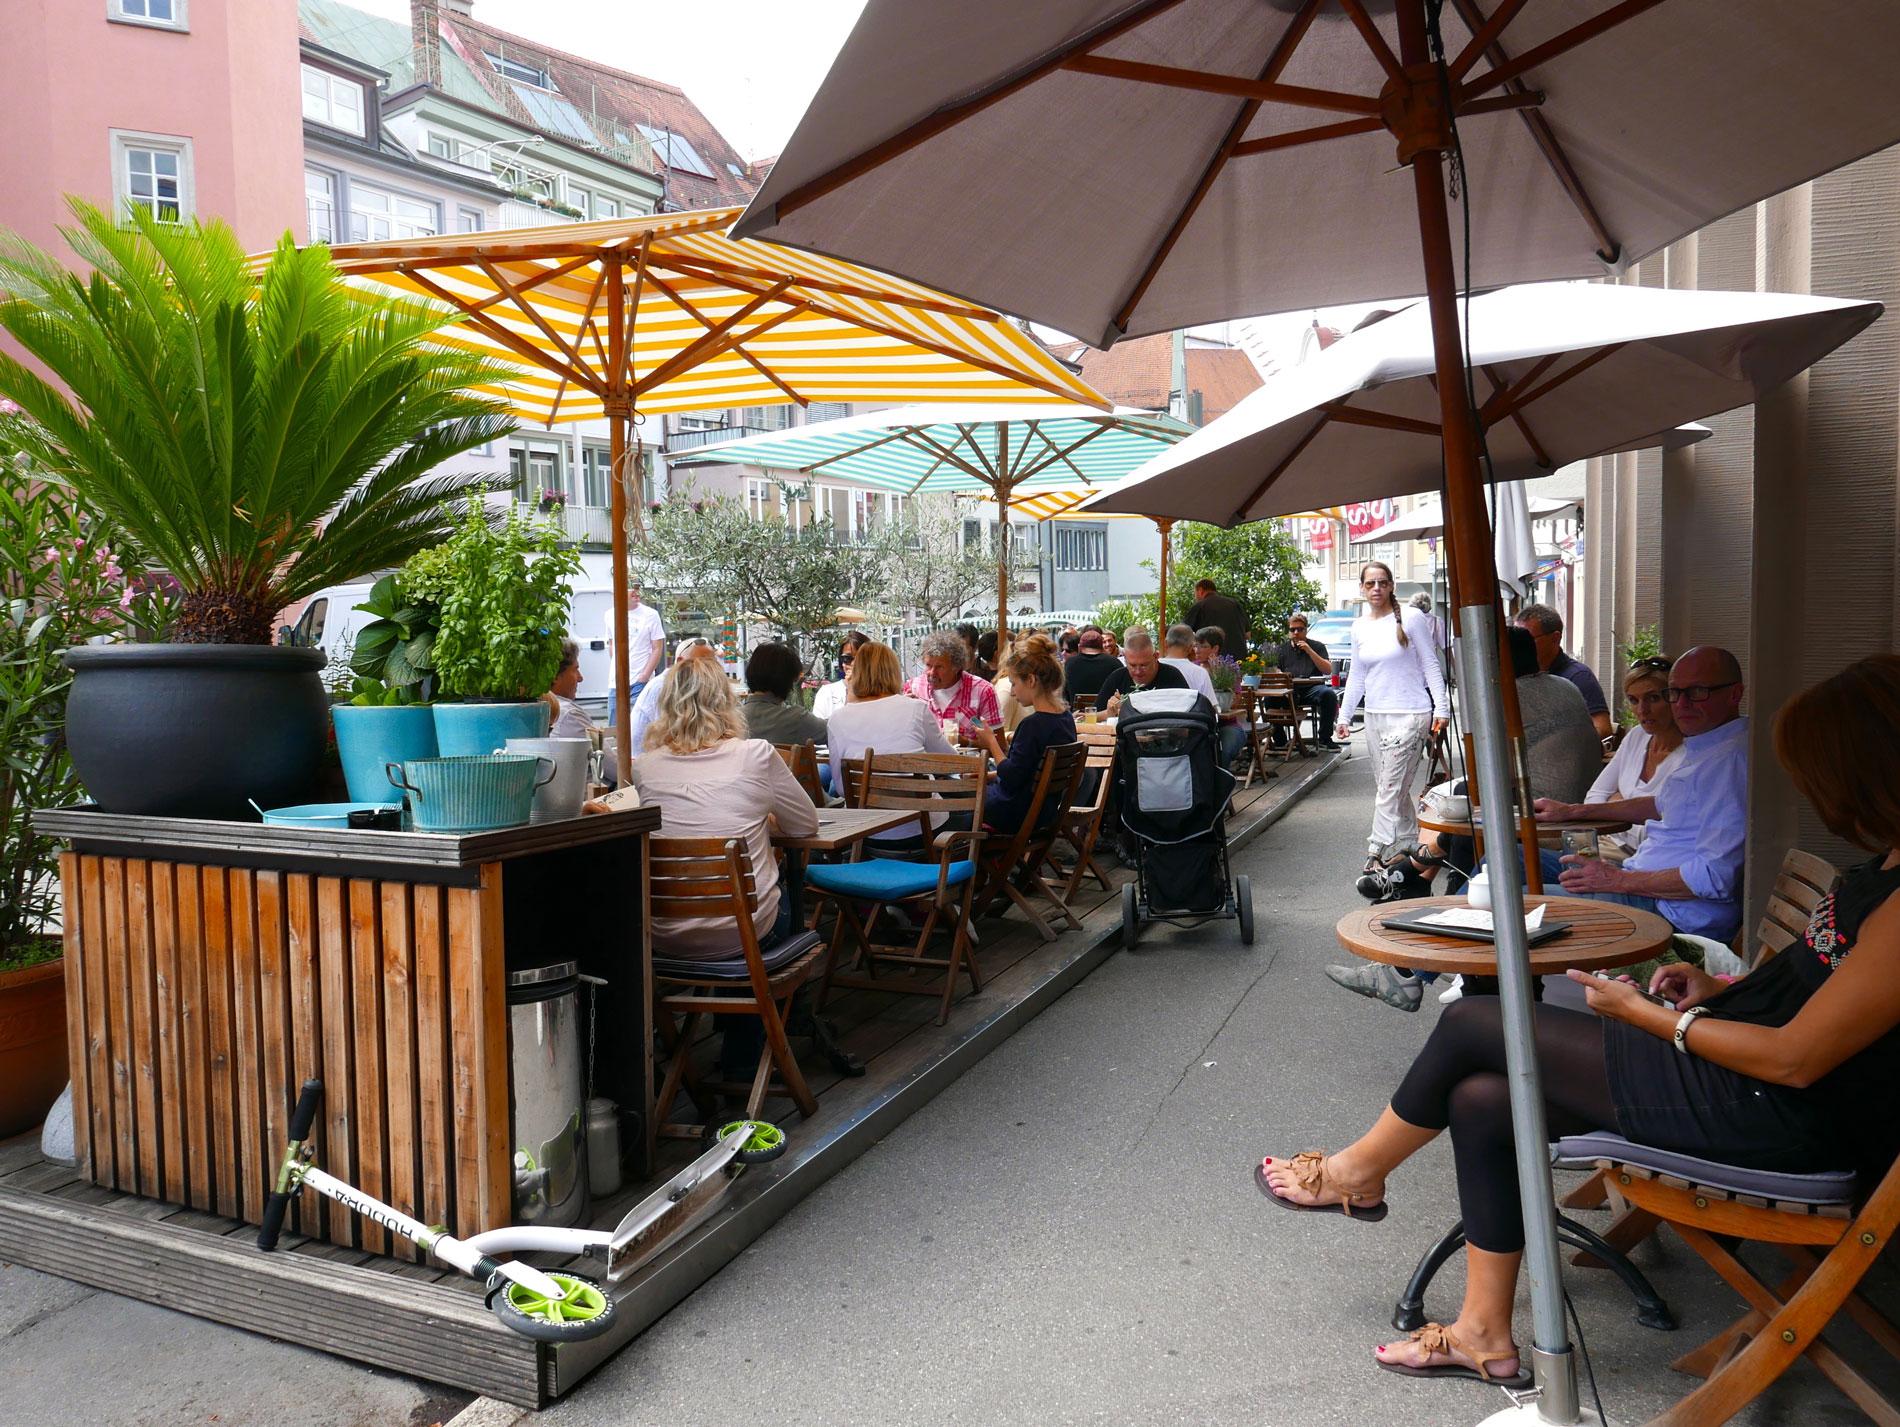 Ravensburg-Zukunft-der-Stadt